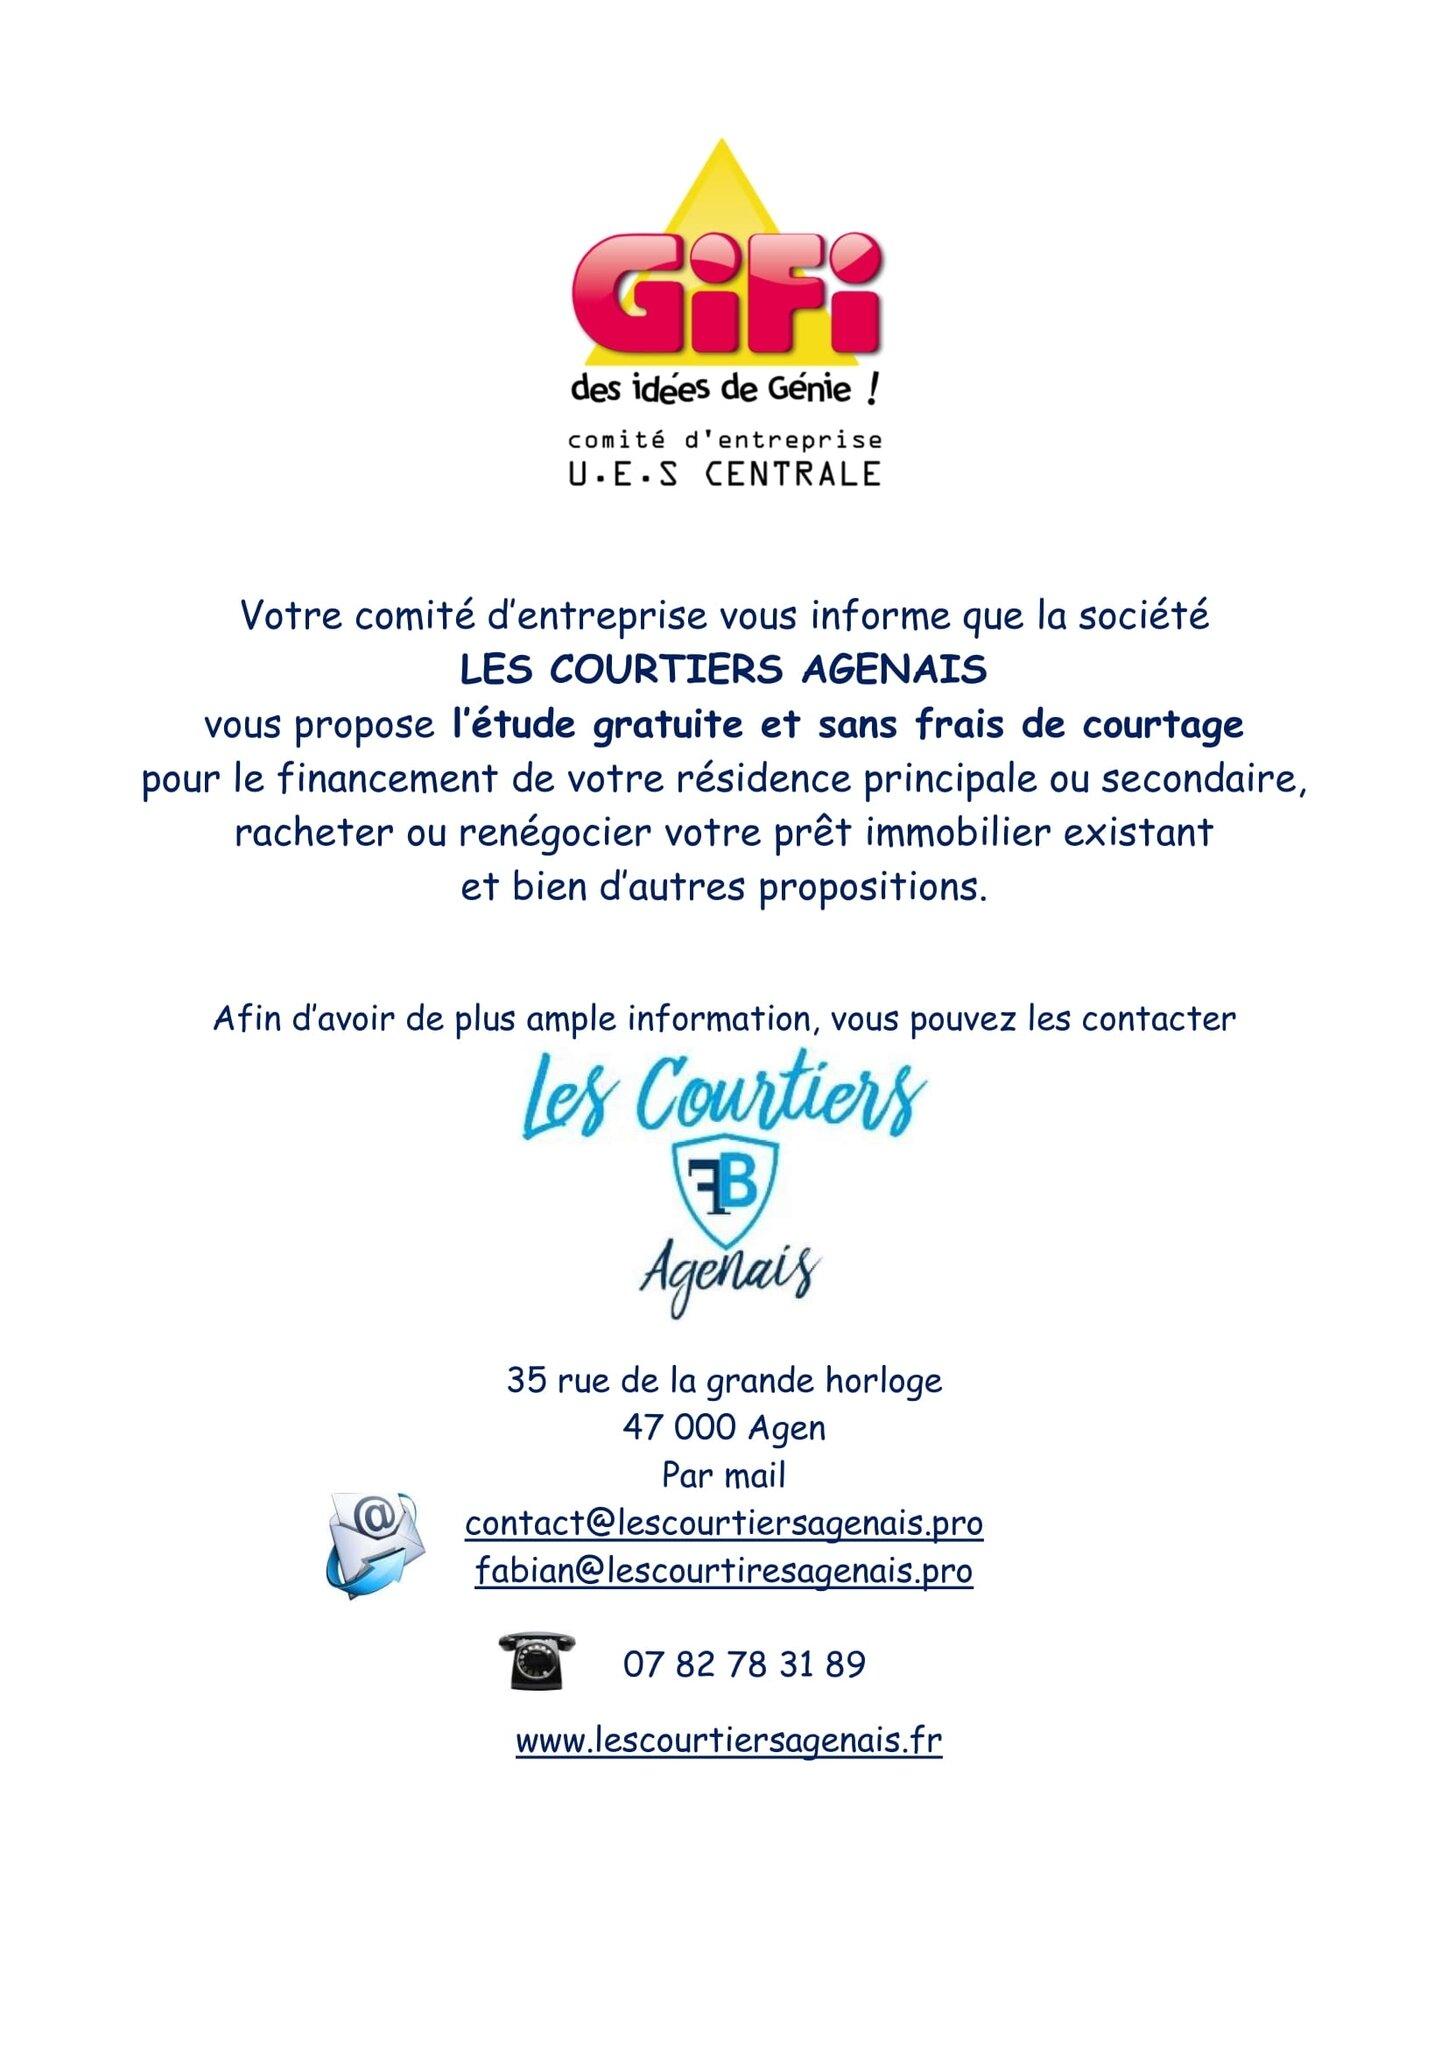 Les Courtiers Agenais 35 Rue De La Grande Horloge 47000